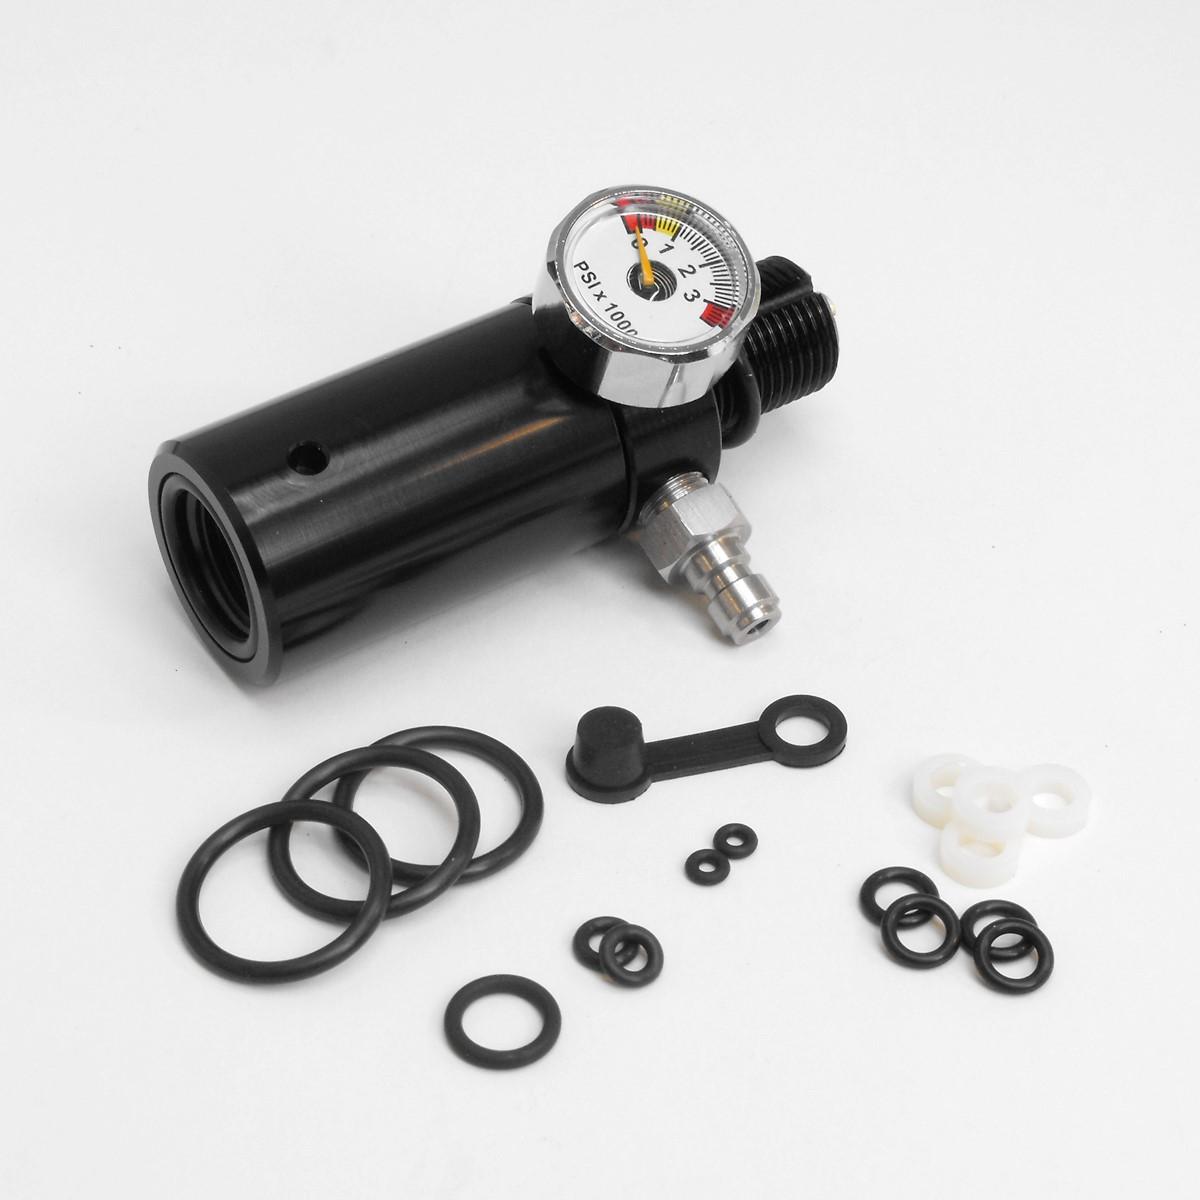 AIRGUN pression Regulator /& Guage /'Lane compatible MK10/' avec Webley EN4CER.